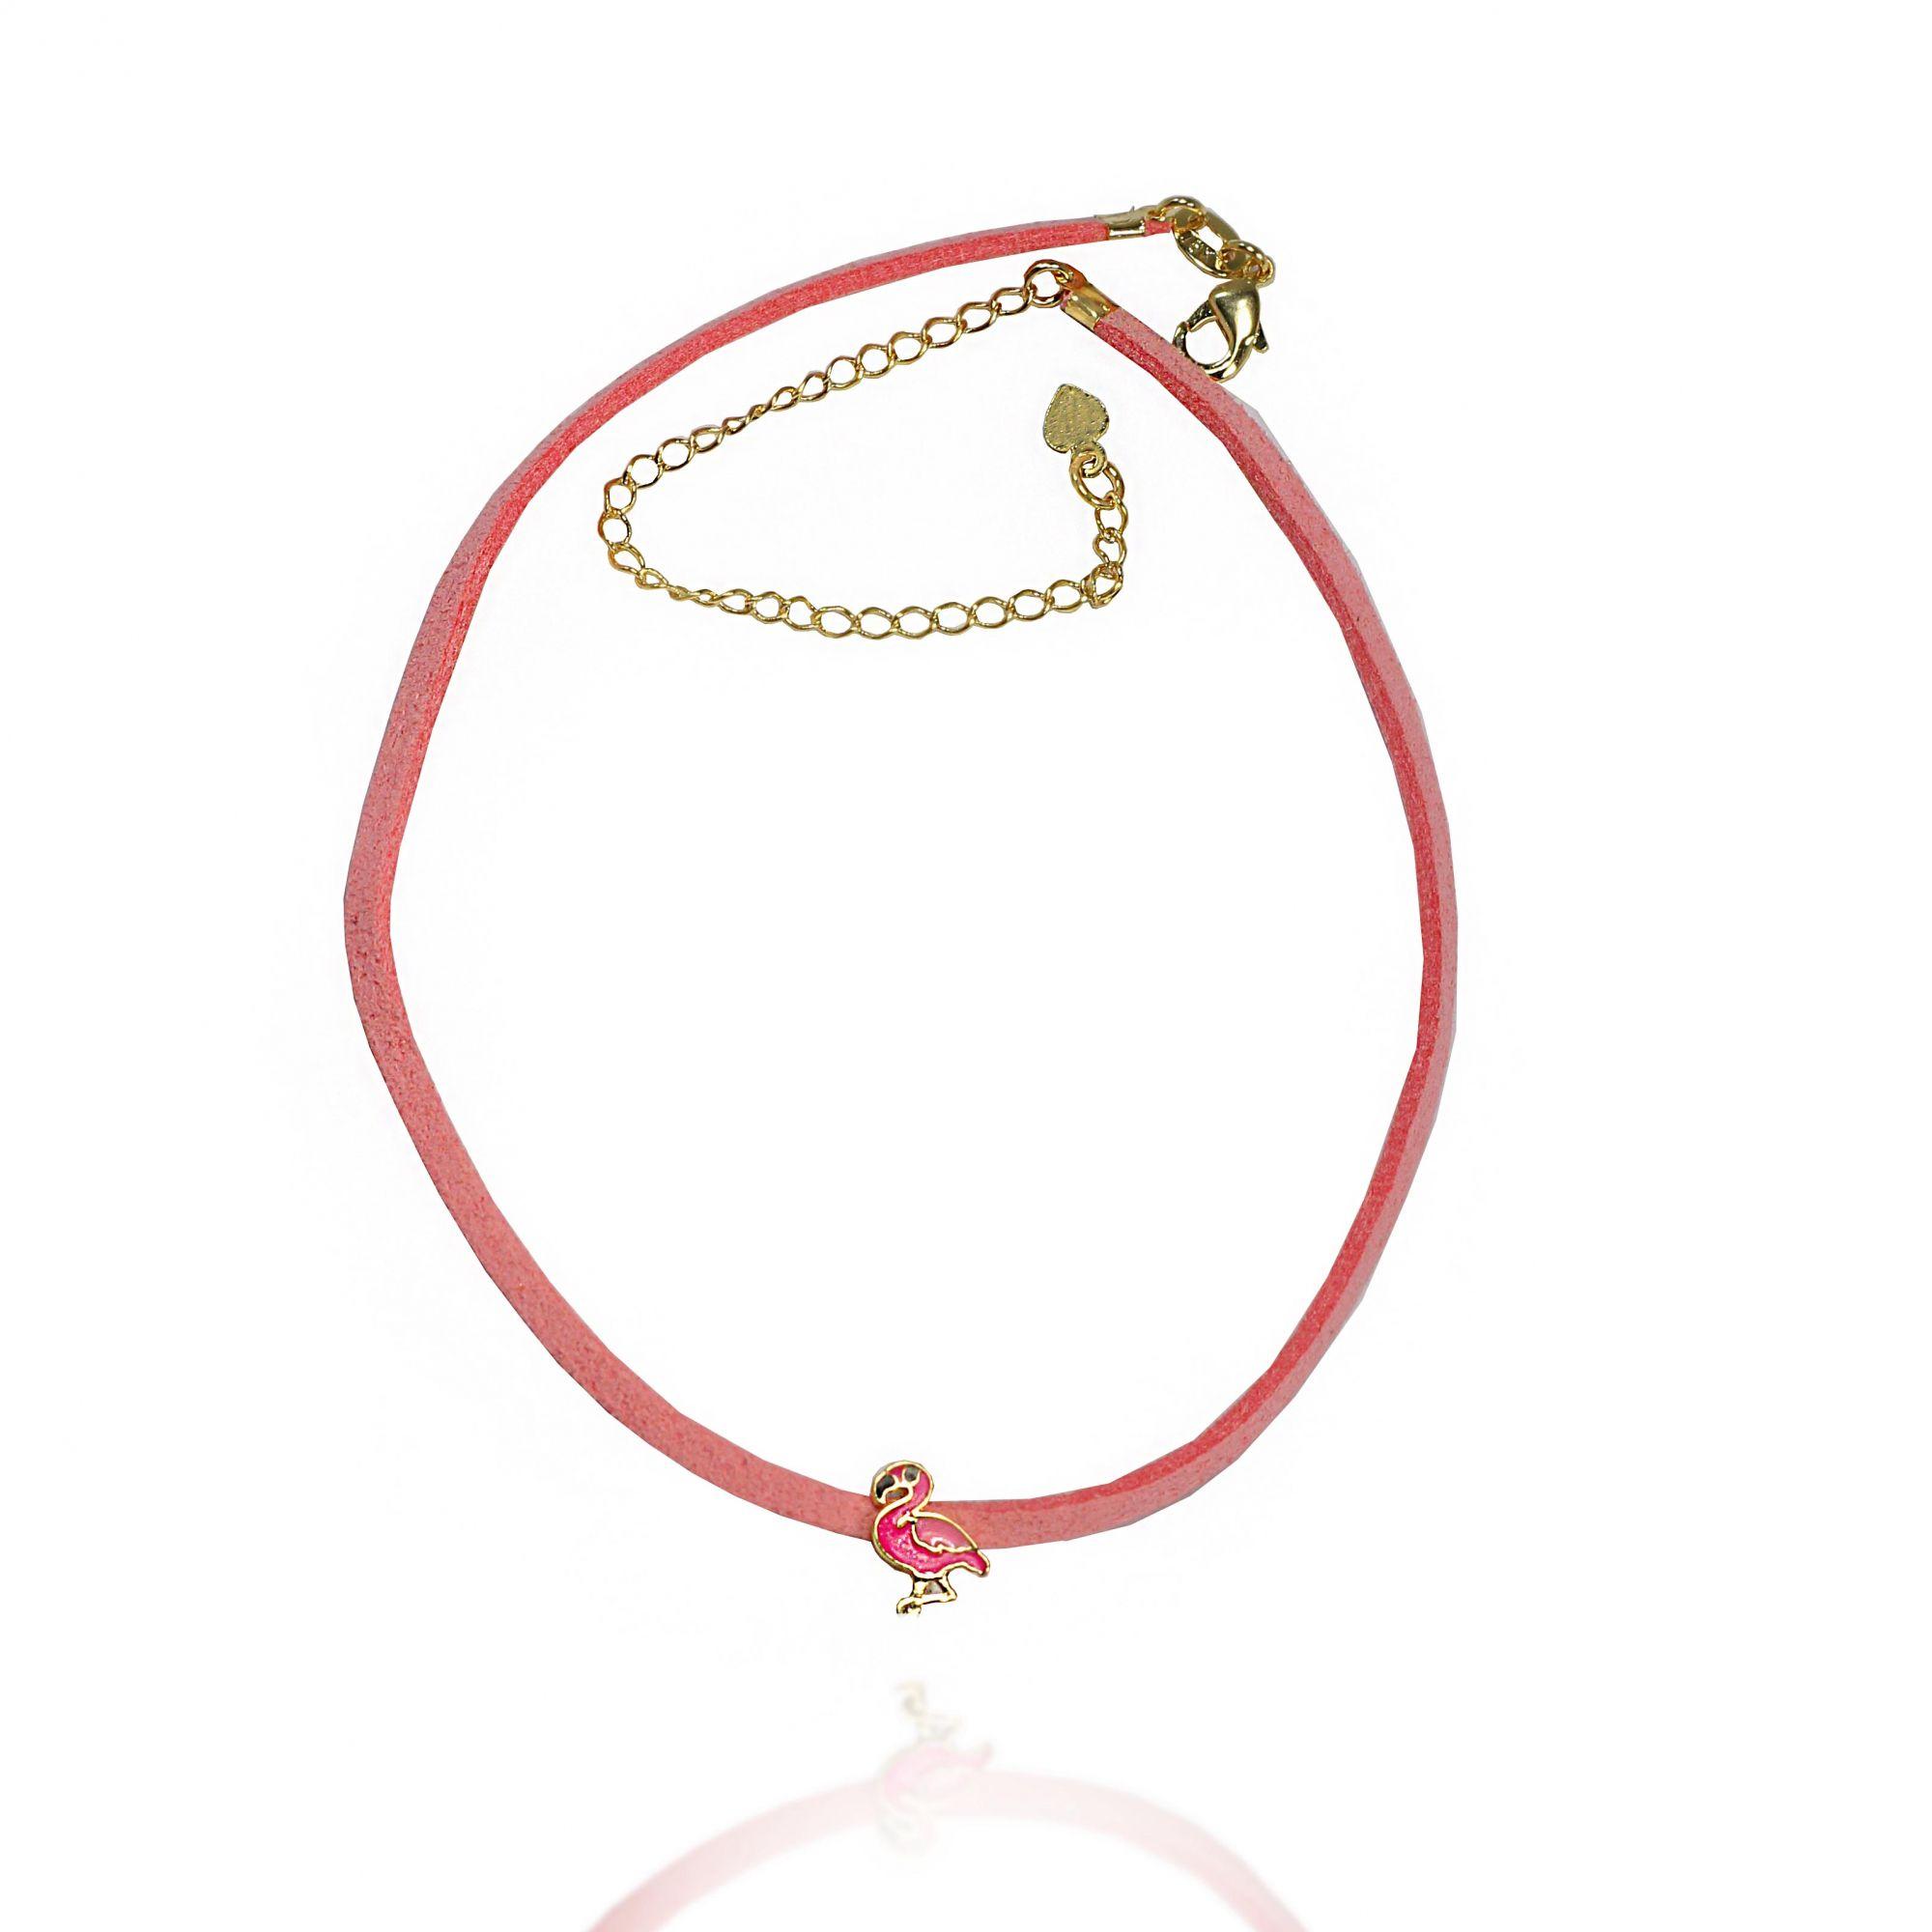 Colar Choker Infantil Camurça Flamingo Folheado a Ouro 18k - Lunozê Joias c6656bd7957f3